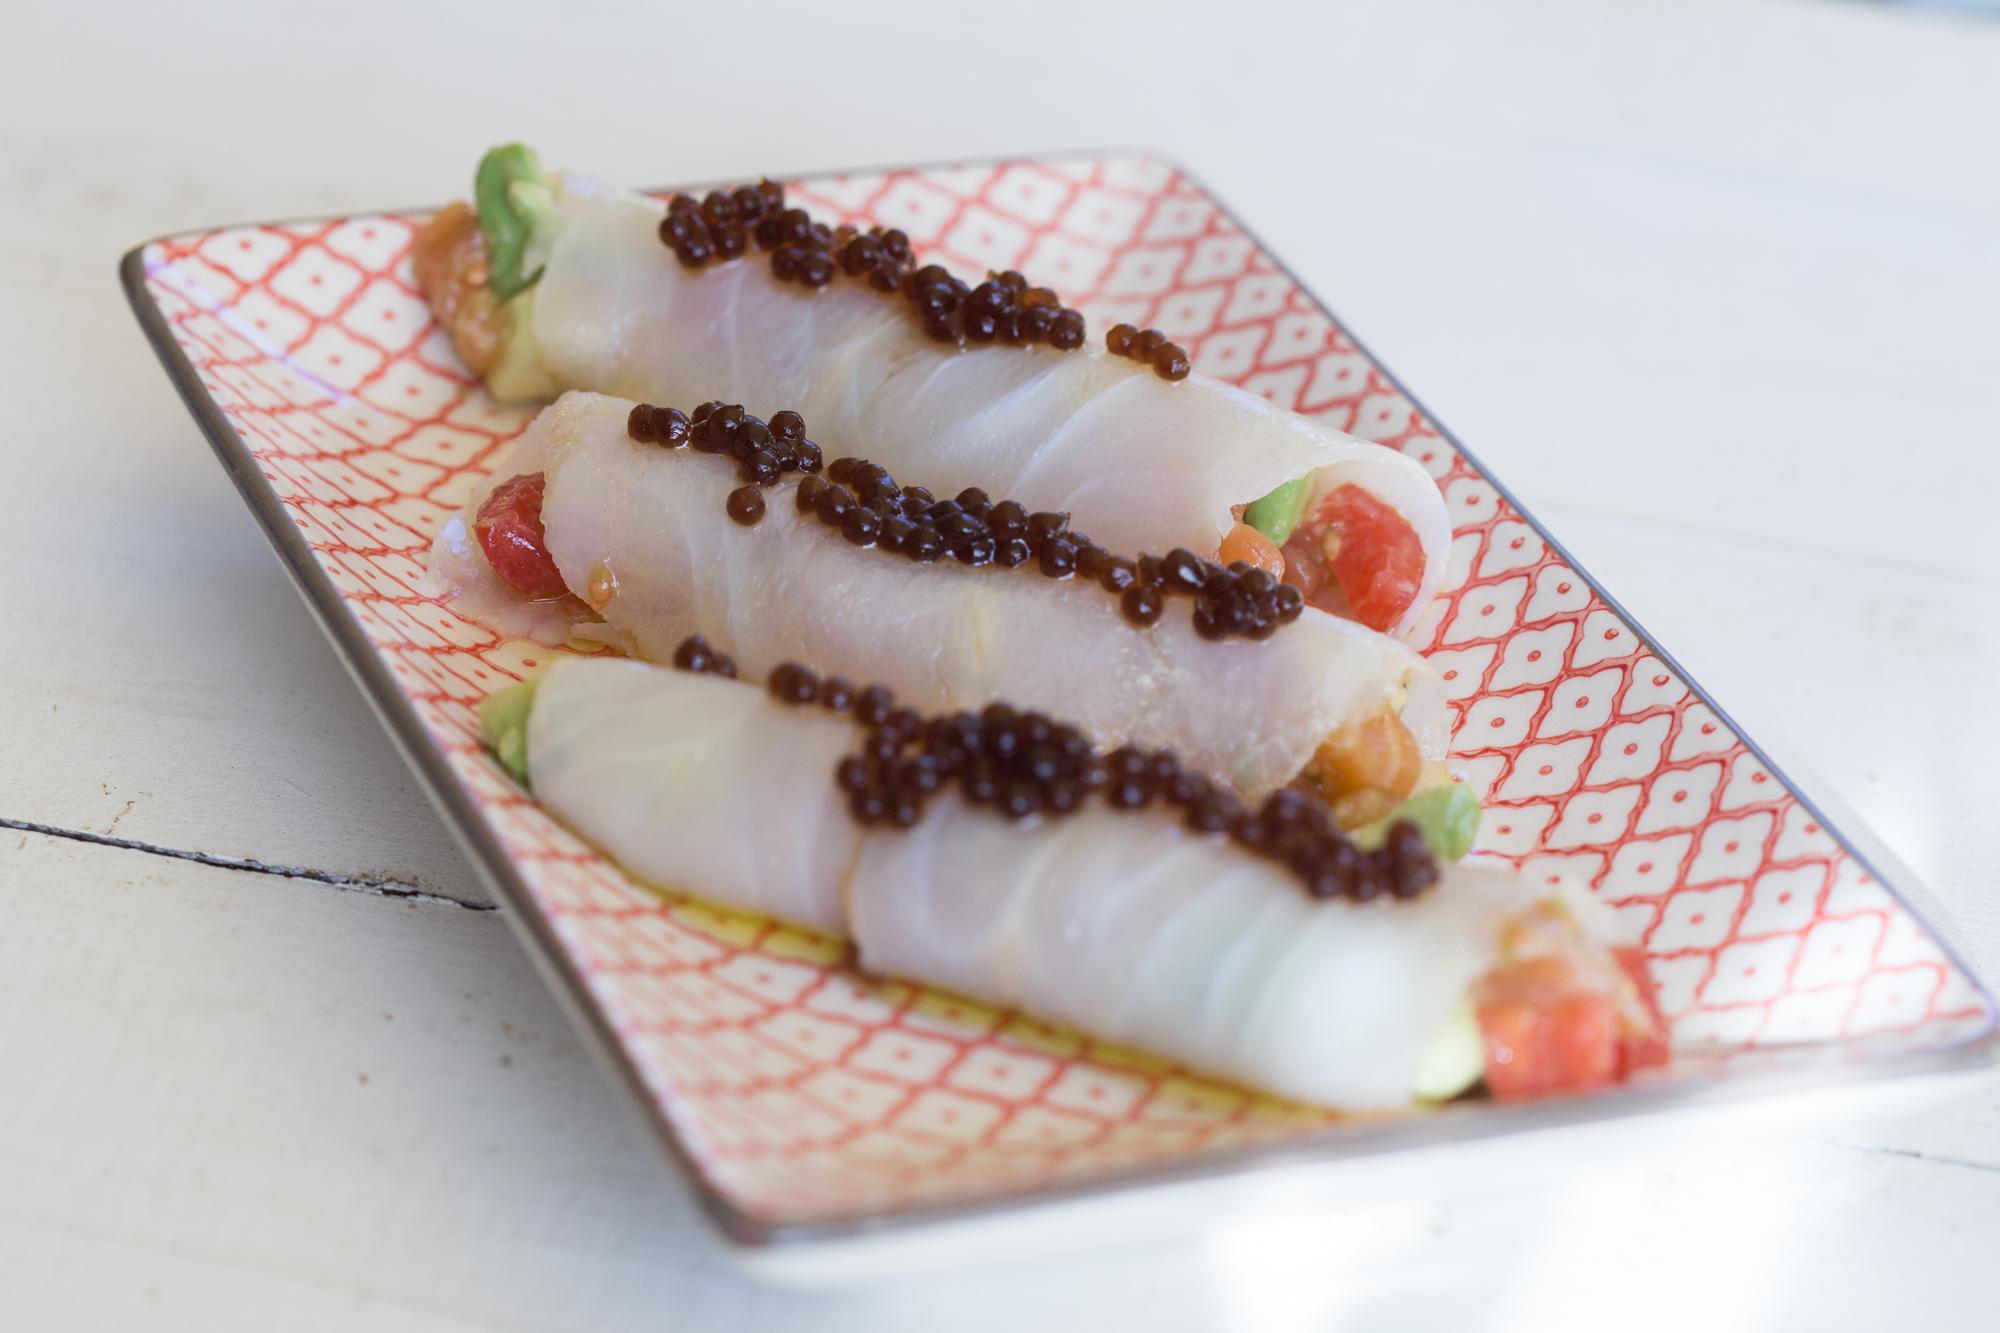 Rotllets de bacallà farcits de salmó fumat, ceba, tomàquet i alvocat (Espai Tonyina)